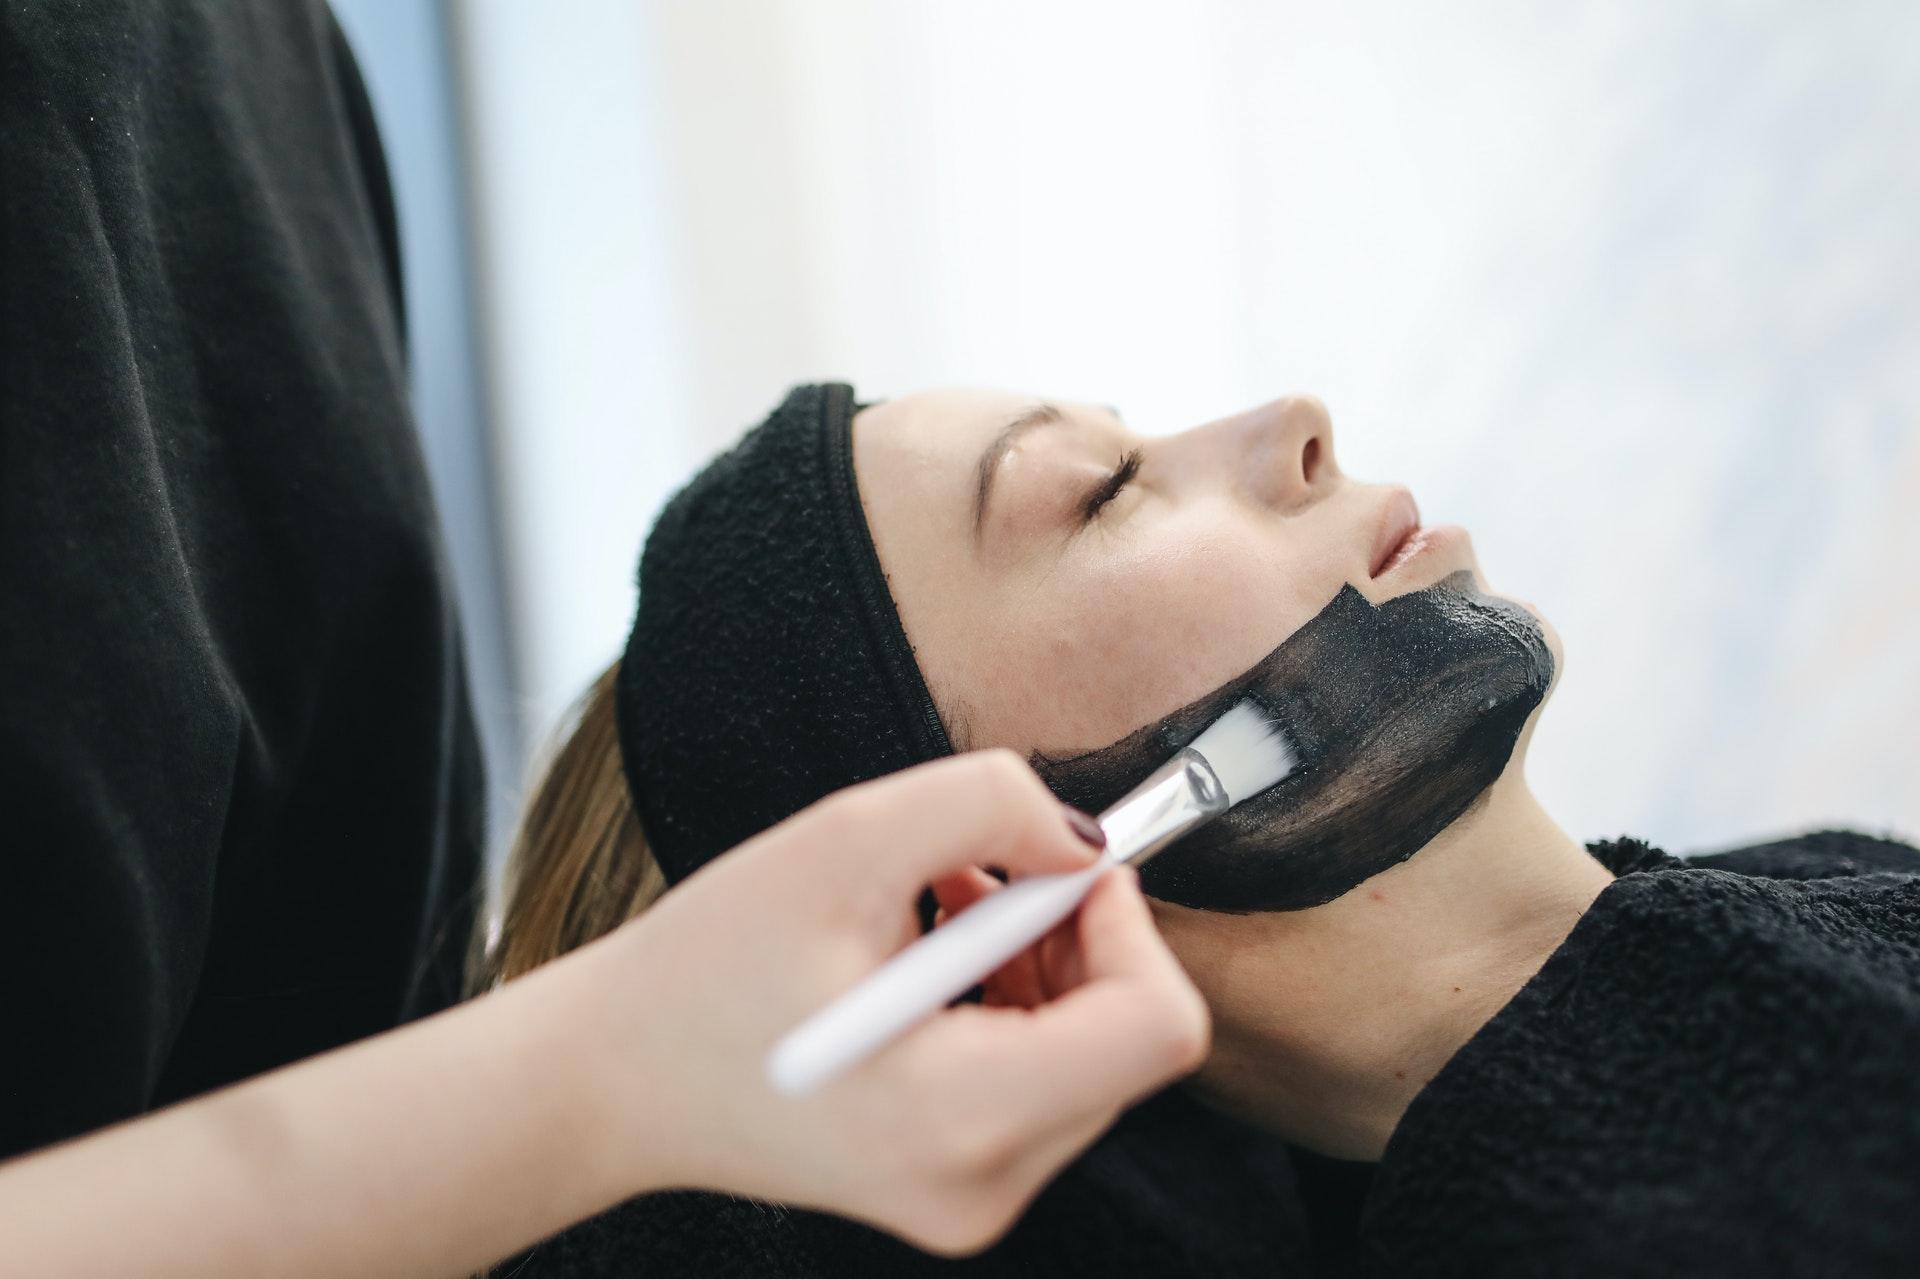 Imagem de uma mulher passando um produto negro no rosto para tratamento. Imagem ilustrativa texto franquias baratas beleza 2022.